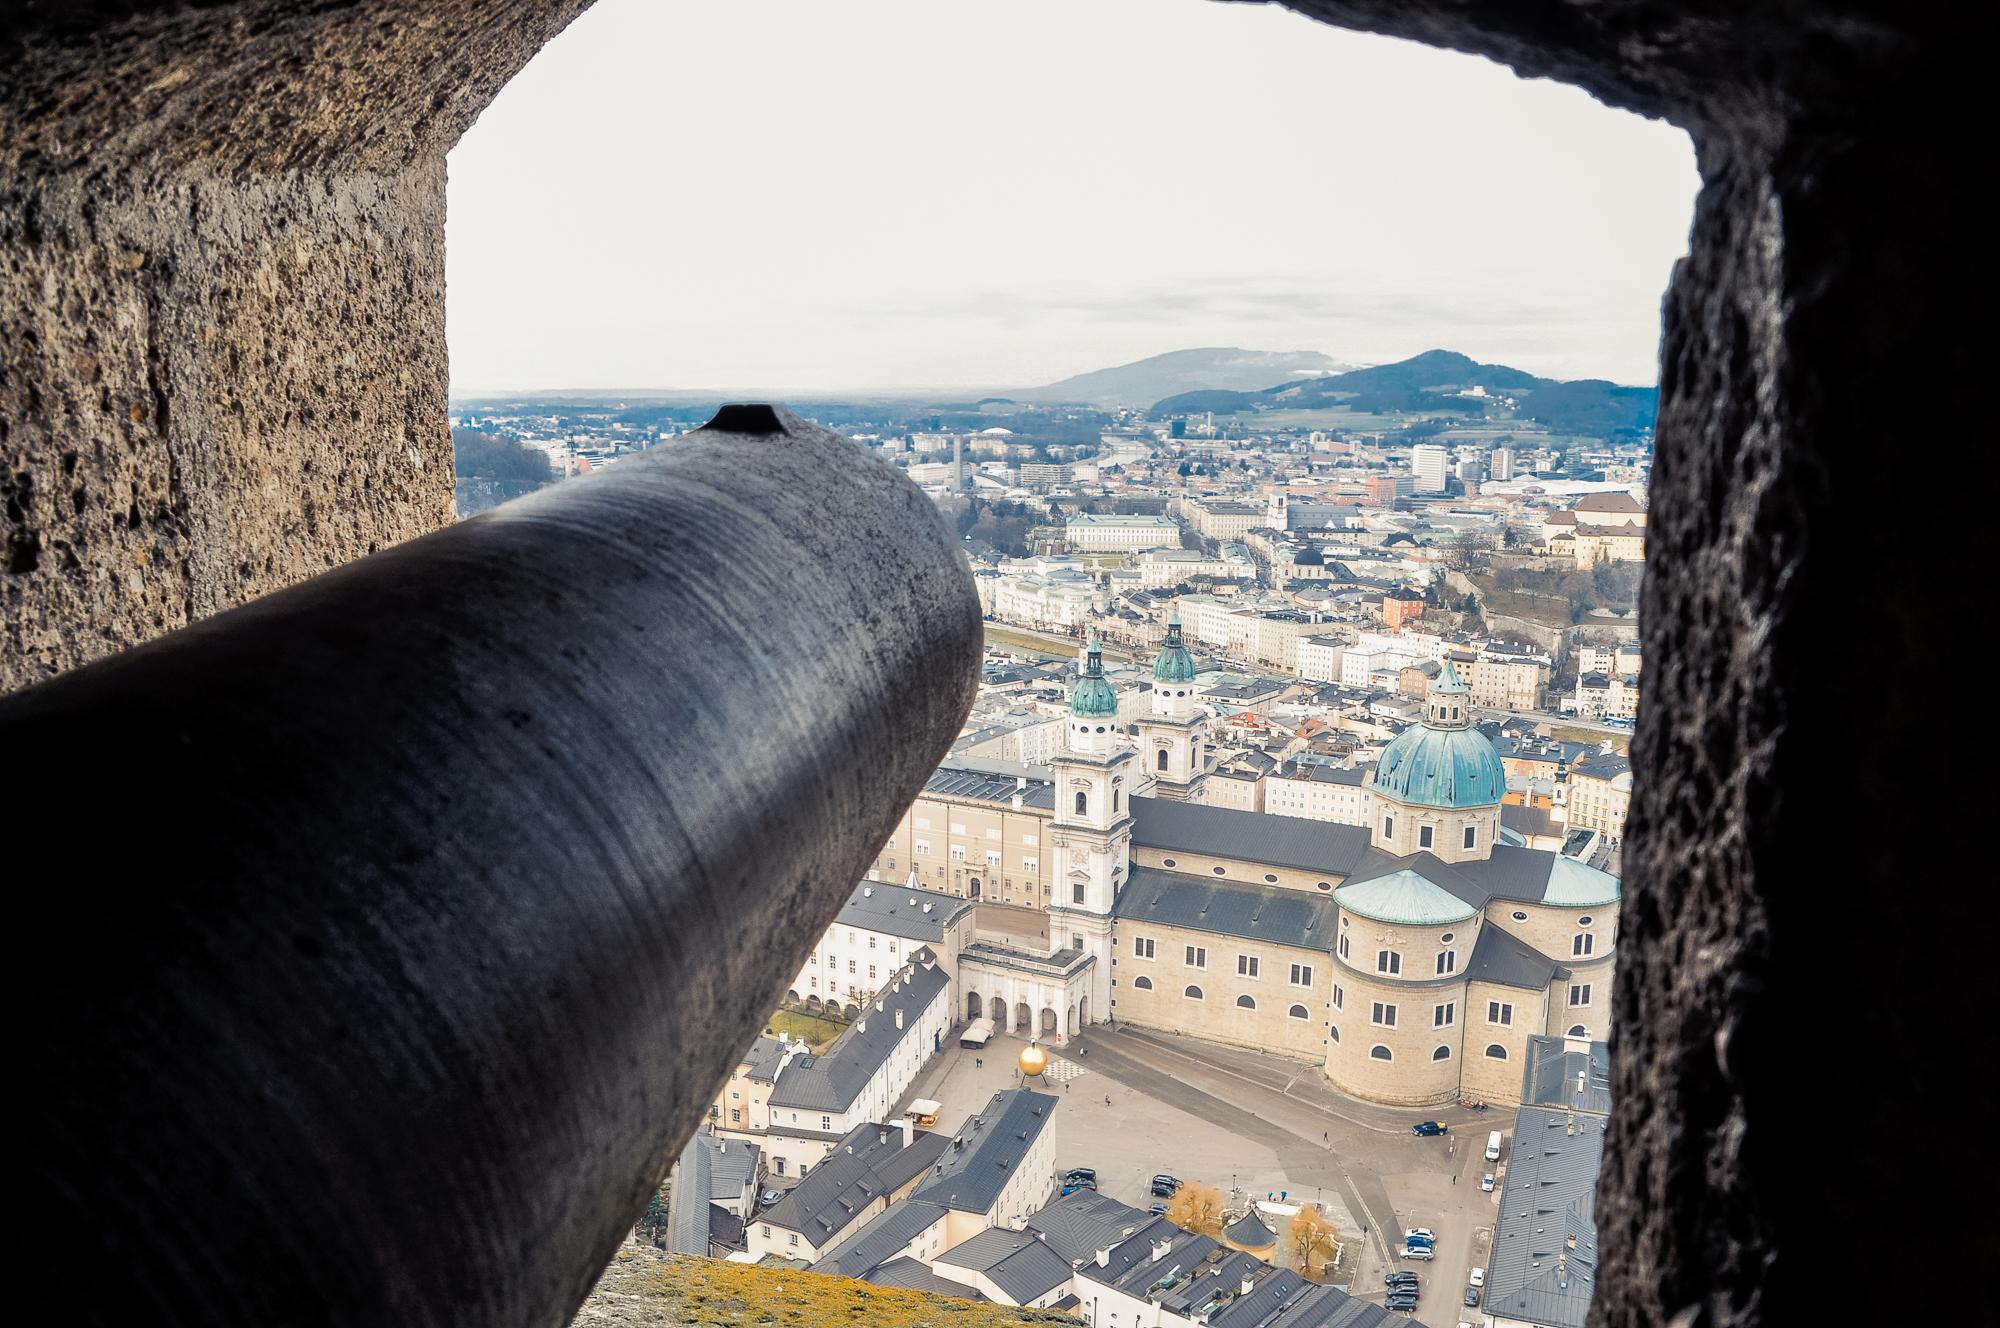 薩爾斯堡要塞 Festung Hohensalzburg